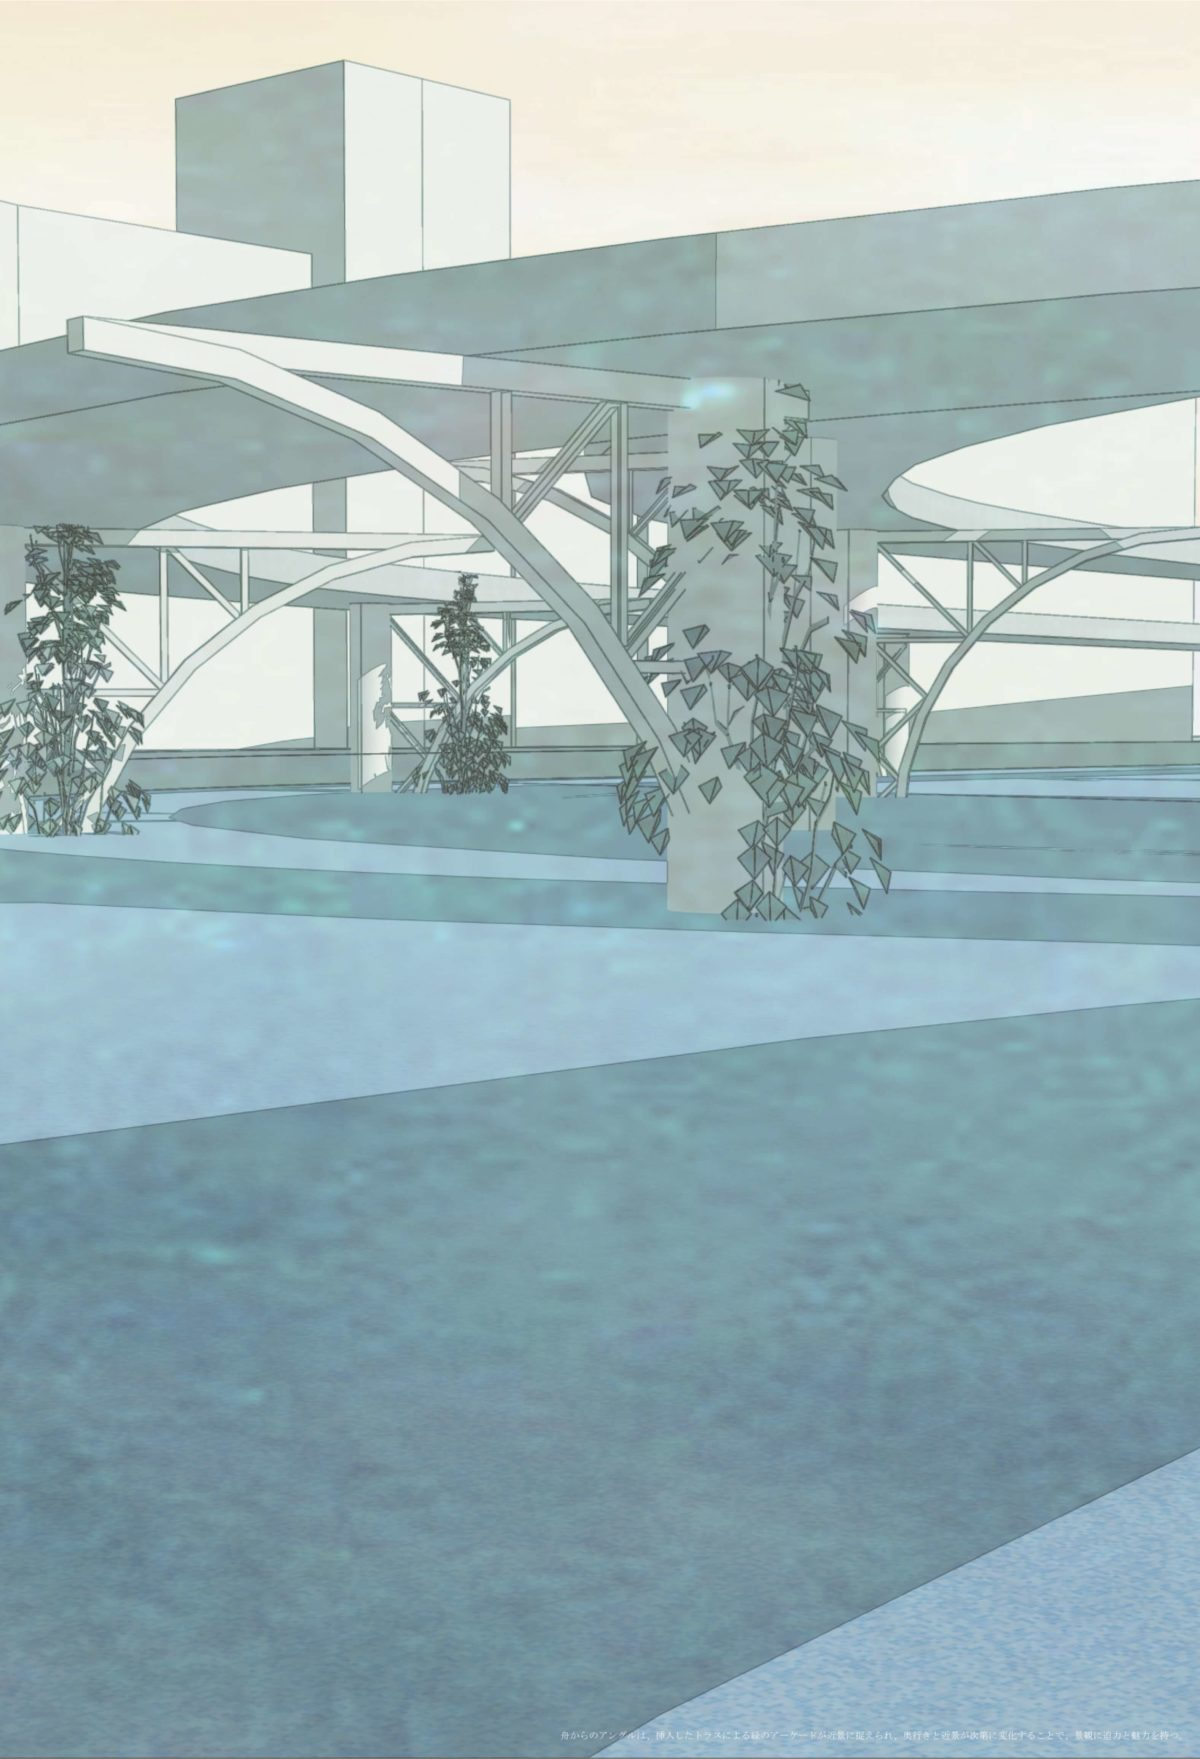 風景を想起する第五世代美術館建築 -歌川広重による名所江戸百景の分析を通して--18